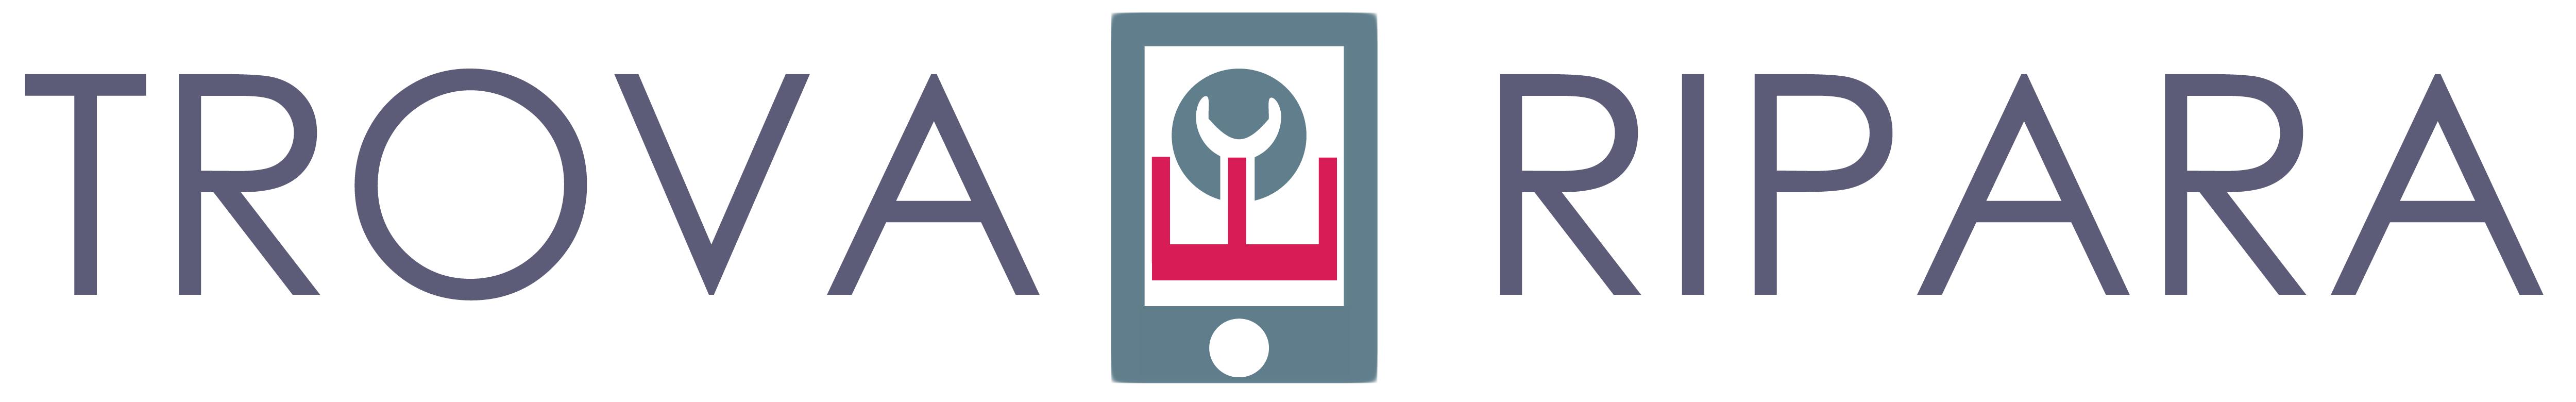 Trova e Ripara, Ripara il tuo cellulare e tablet